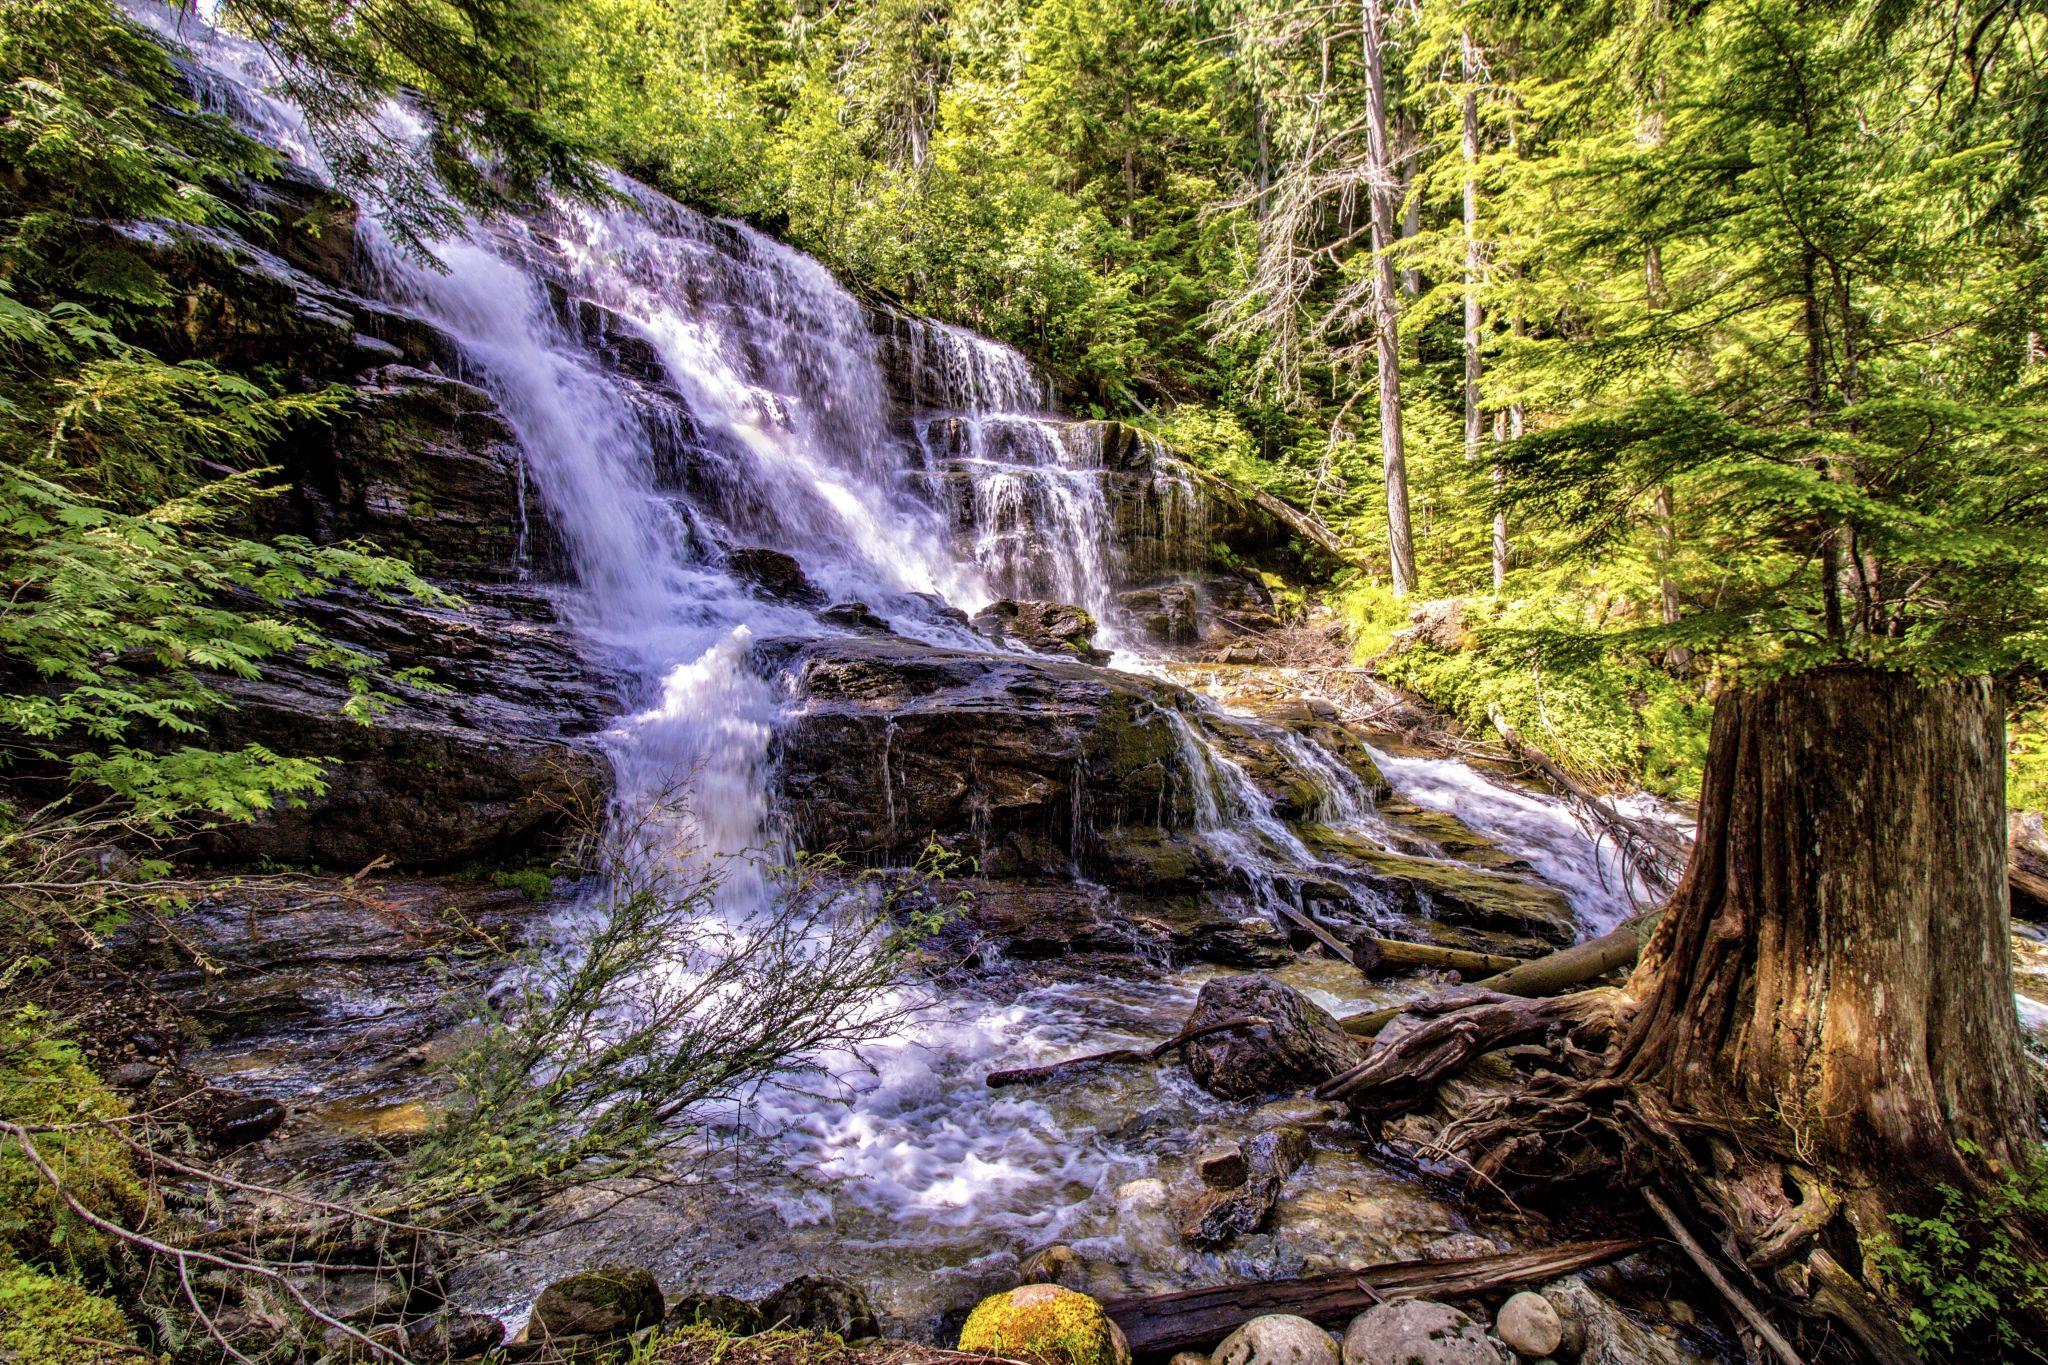 Moses Falls, Canada